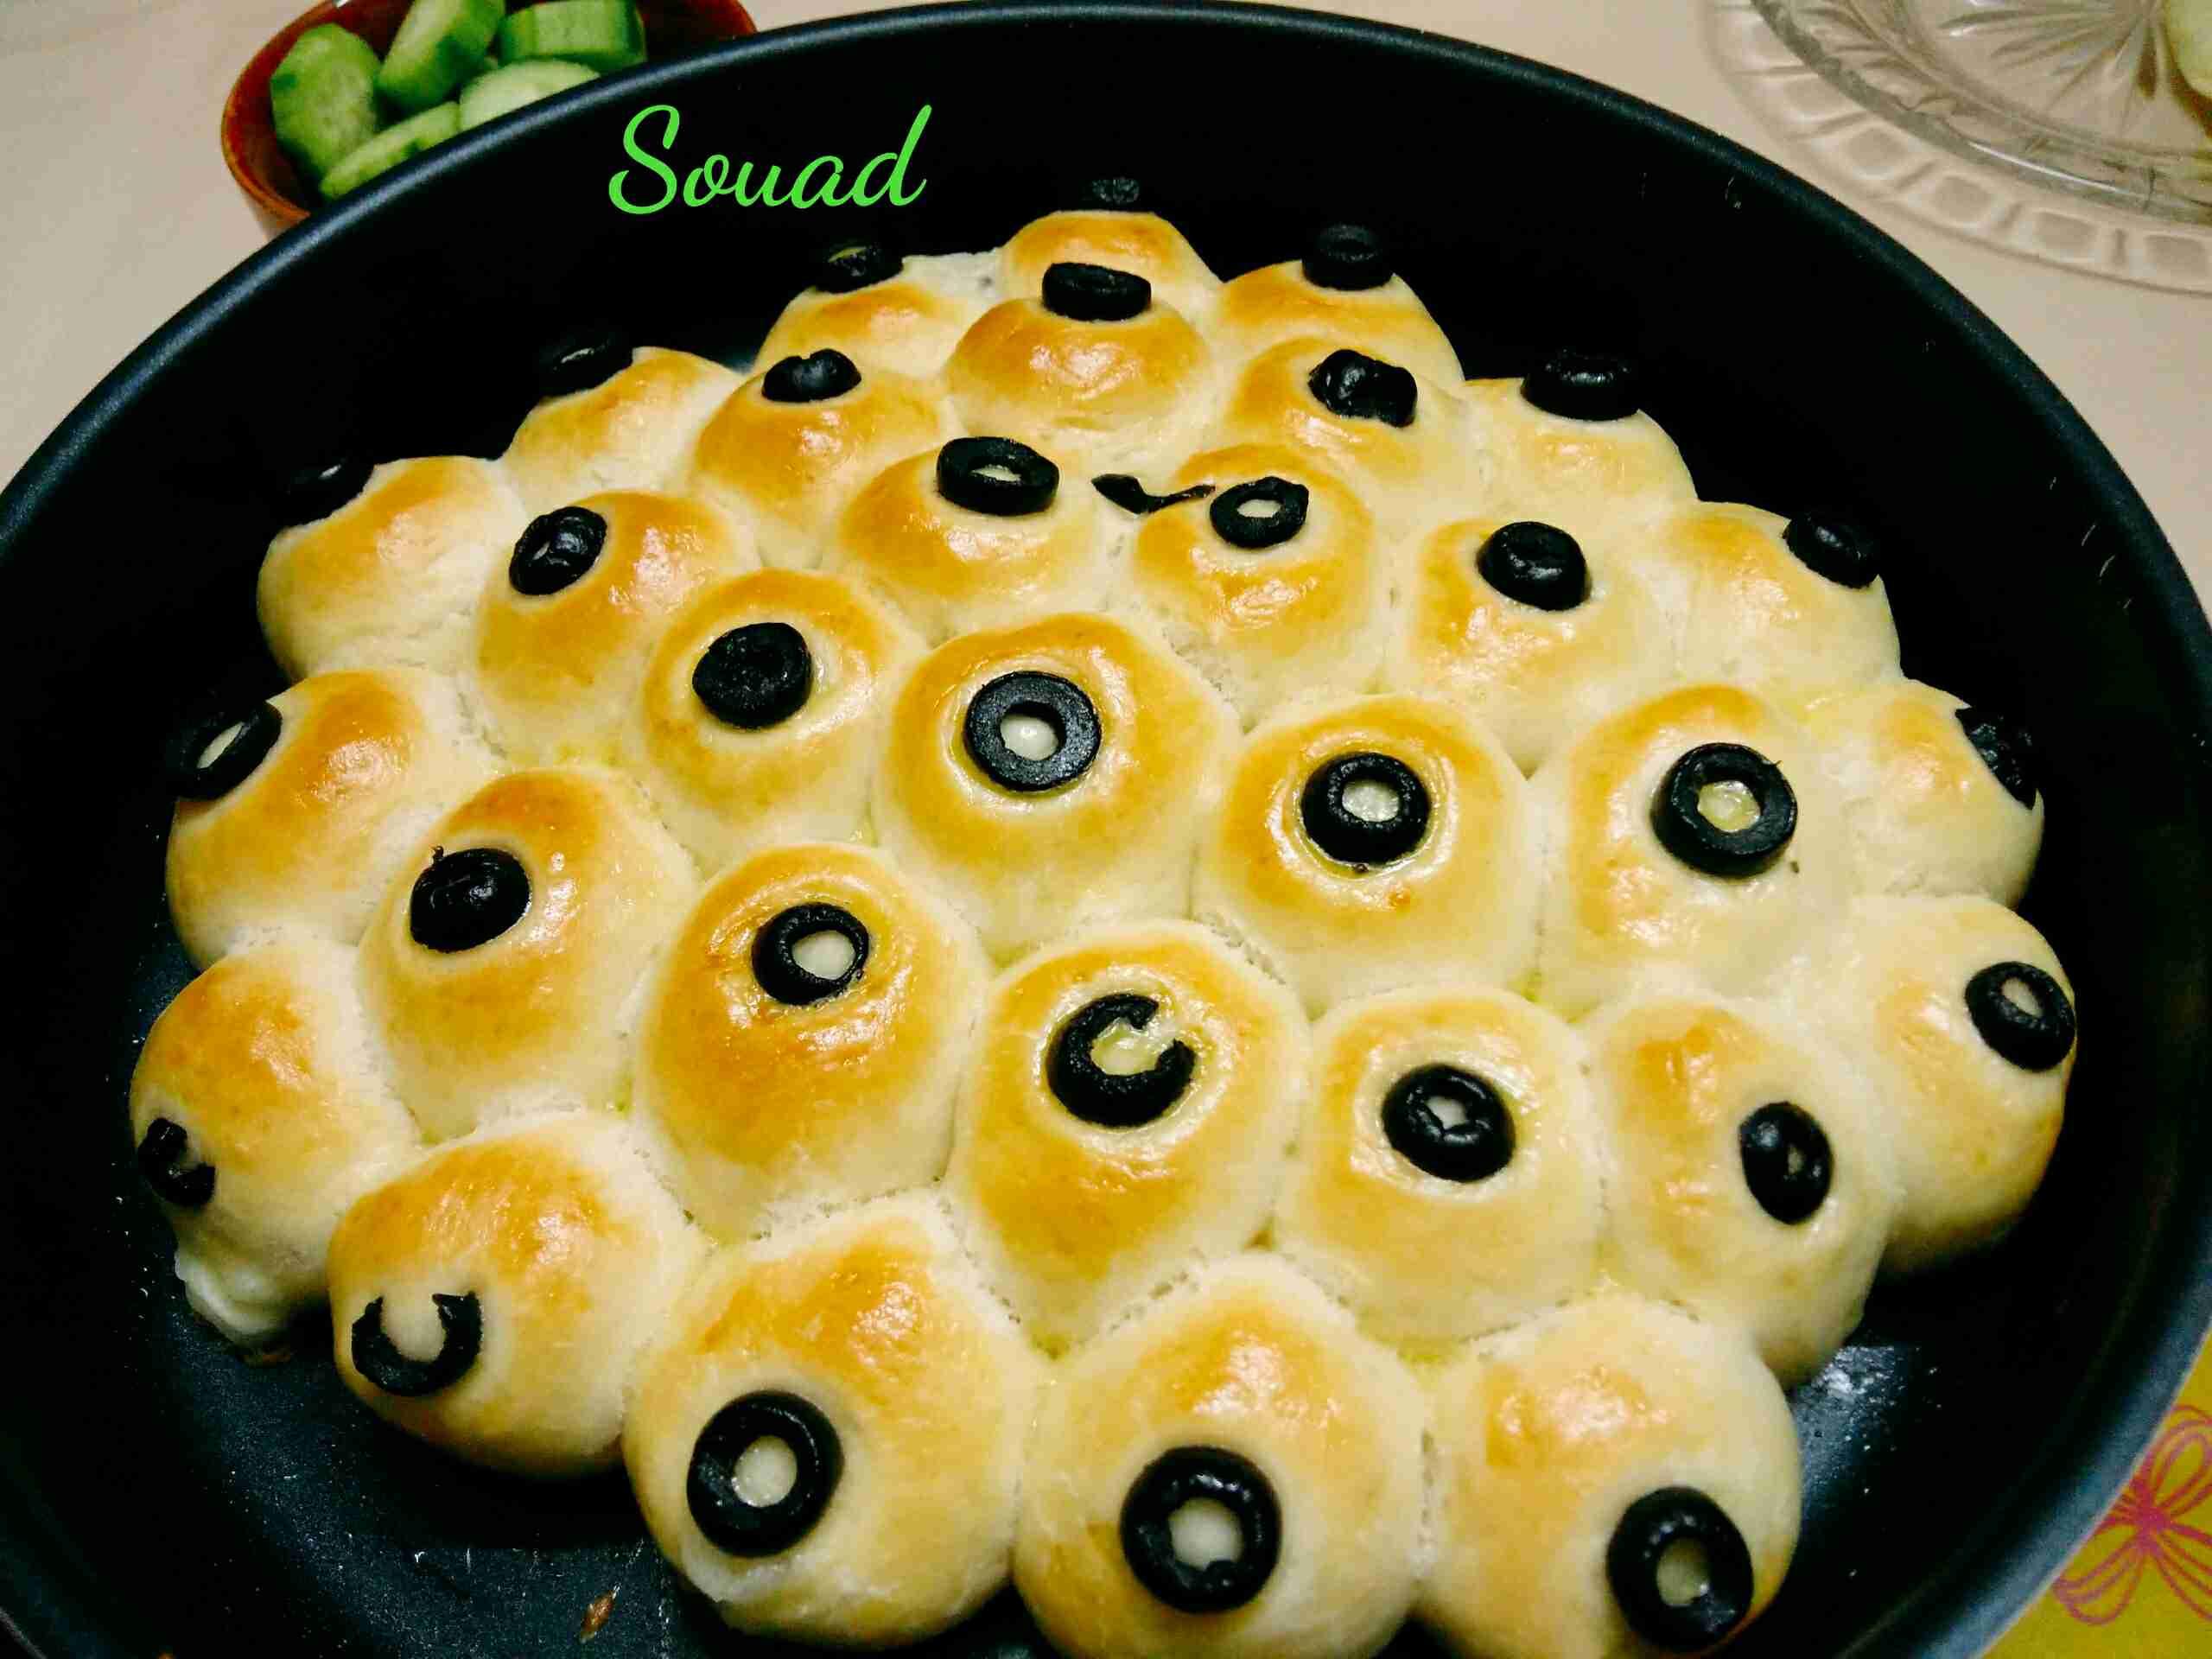 خلية نحل بالجبن والزيتون بعجينة هشة ورائعة تابعوا الطريقة معي انا صديقة زاكي الشيف souad hosna